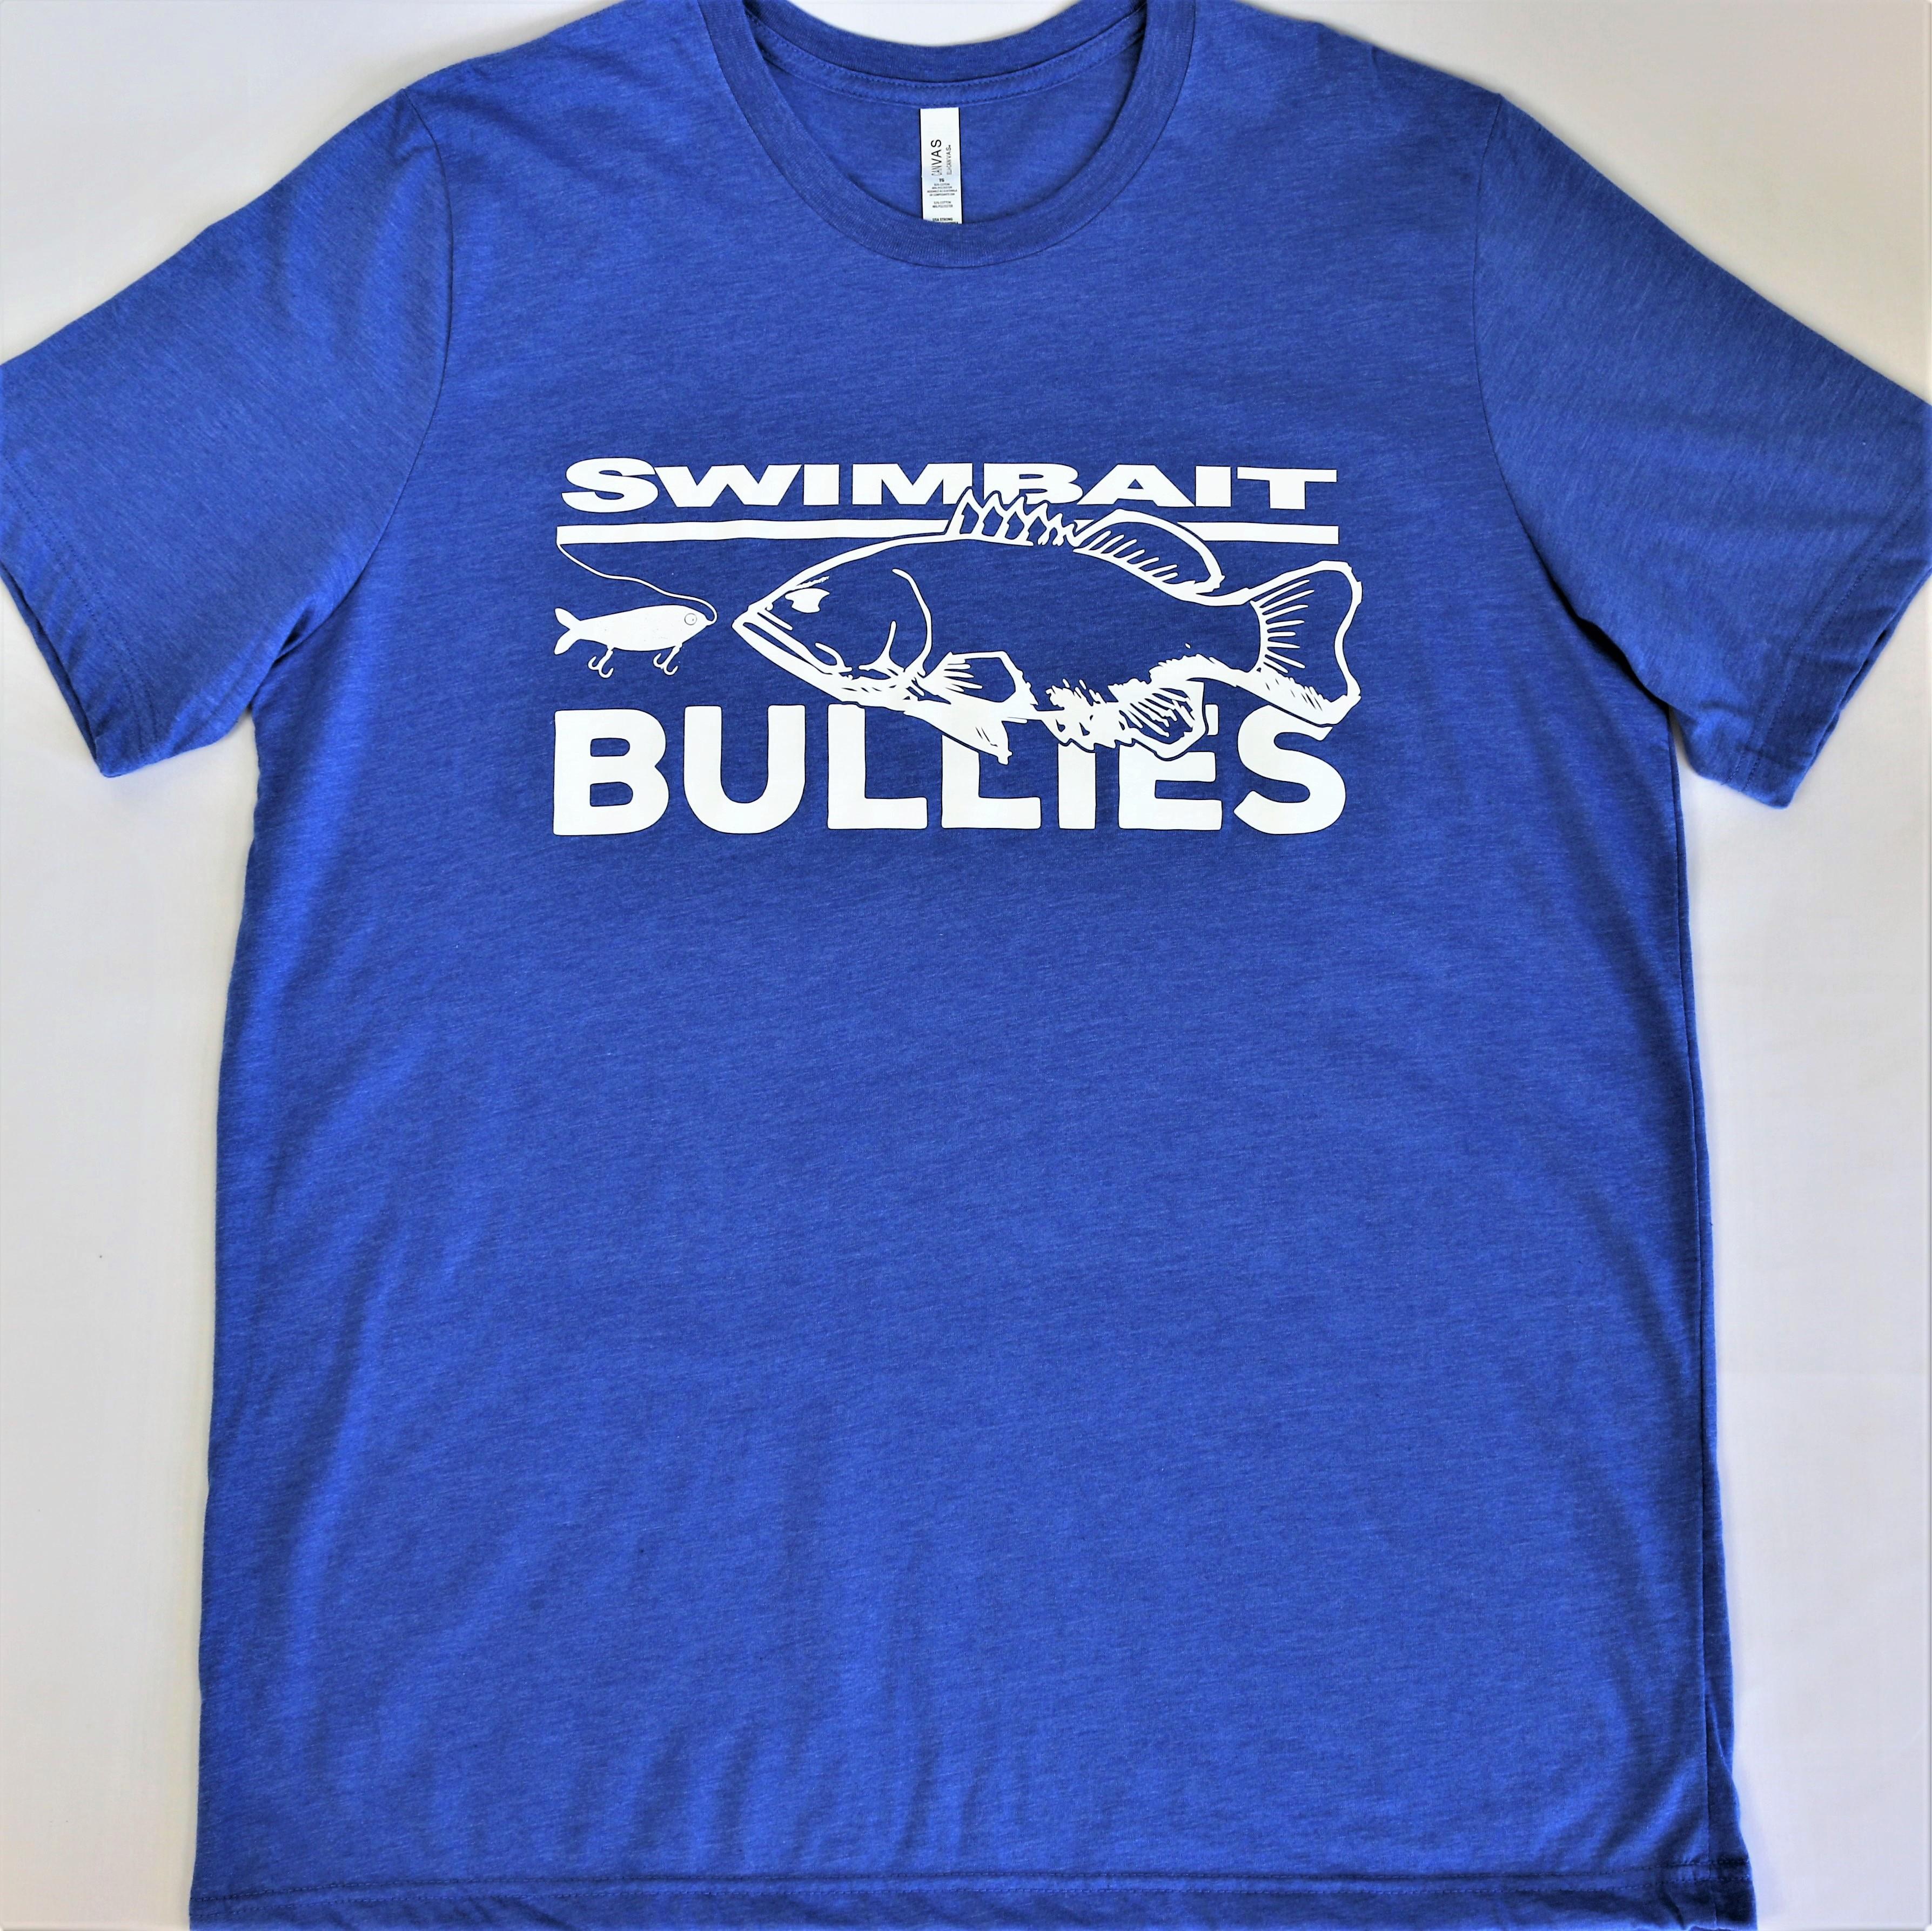 Swimbait Bullies T-Shirt